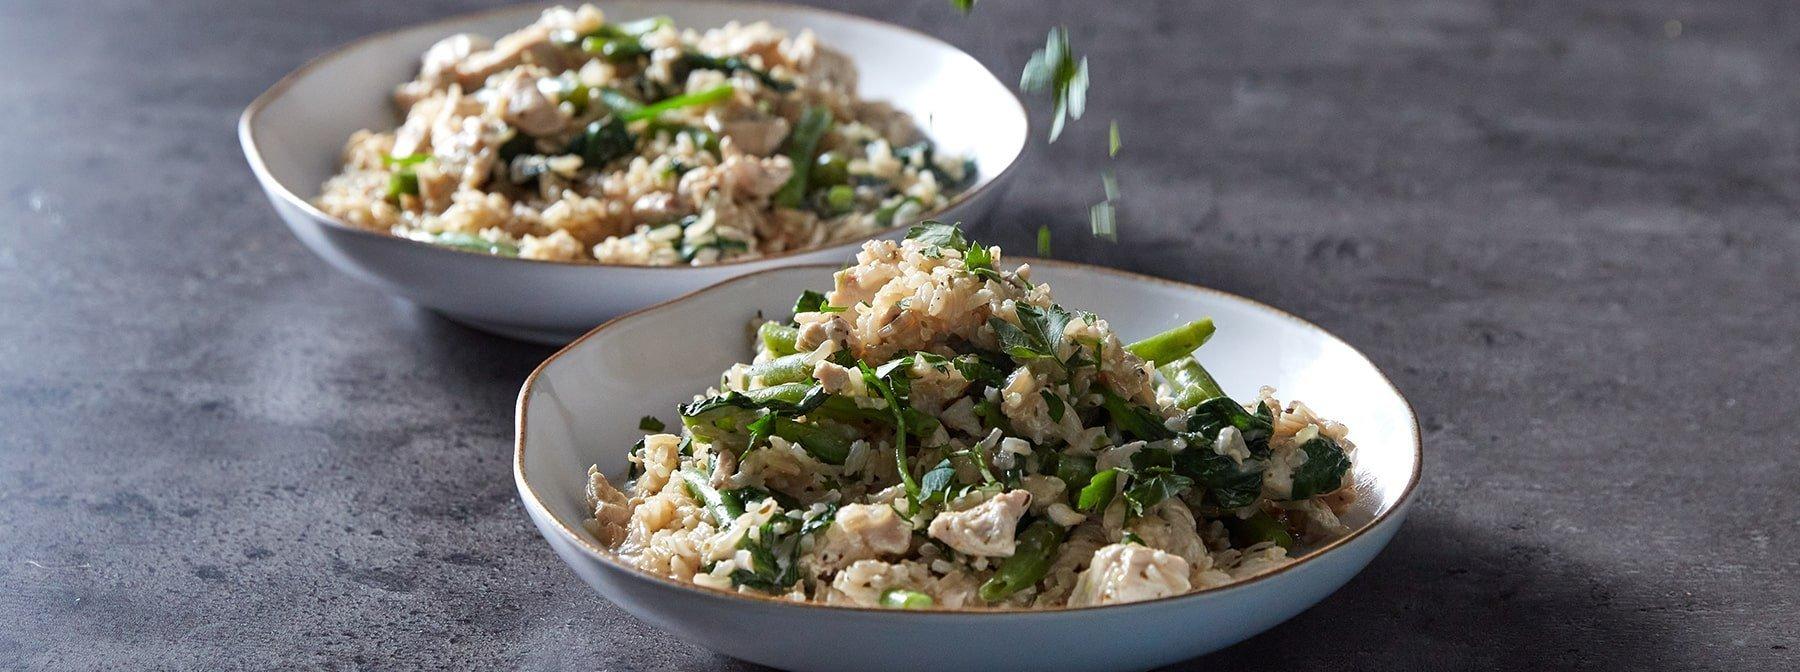 Cremiges Knoblauch-Hähnchen mit Reis